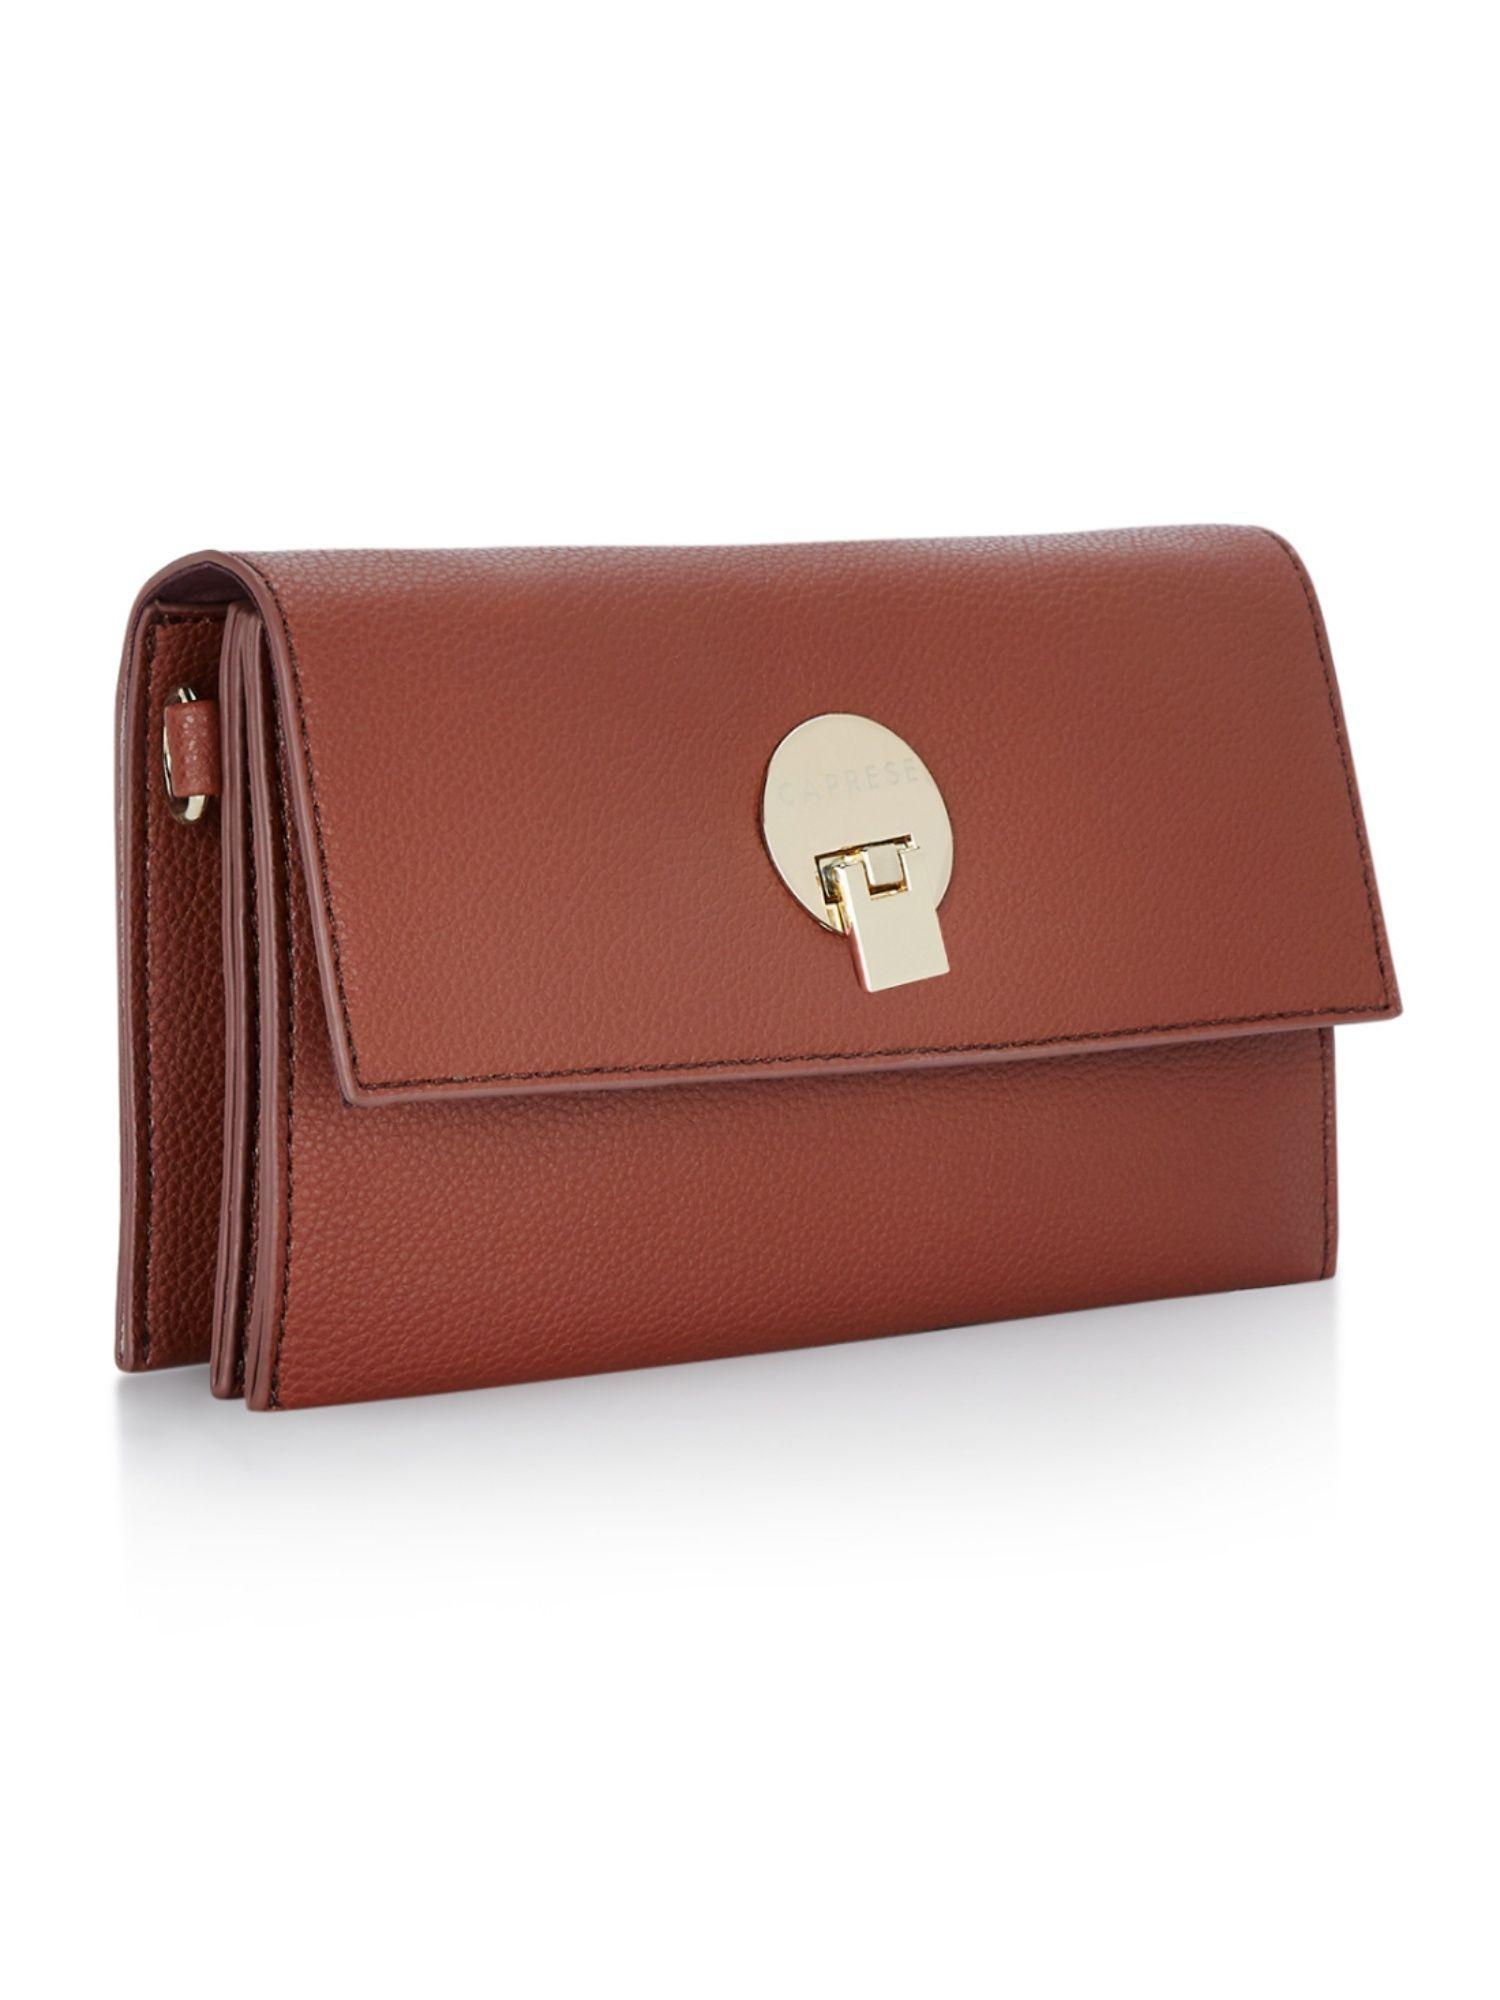 3f2ebf218 Caprese Sling   Cross Bags   Buy Caprese Sandra Small (E) Tan Brown ...